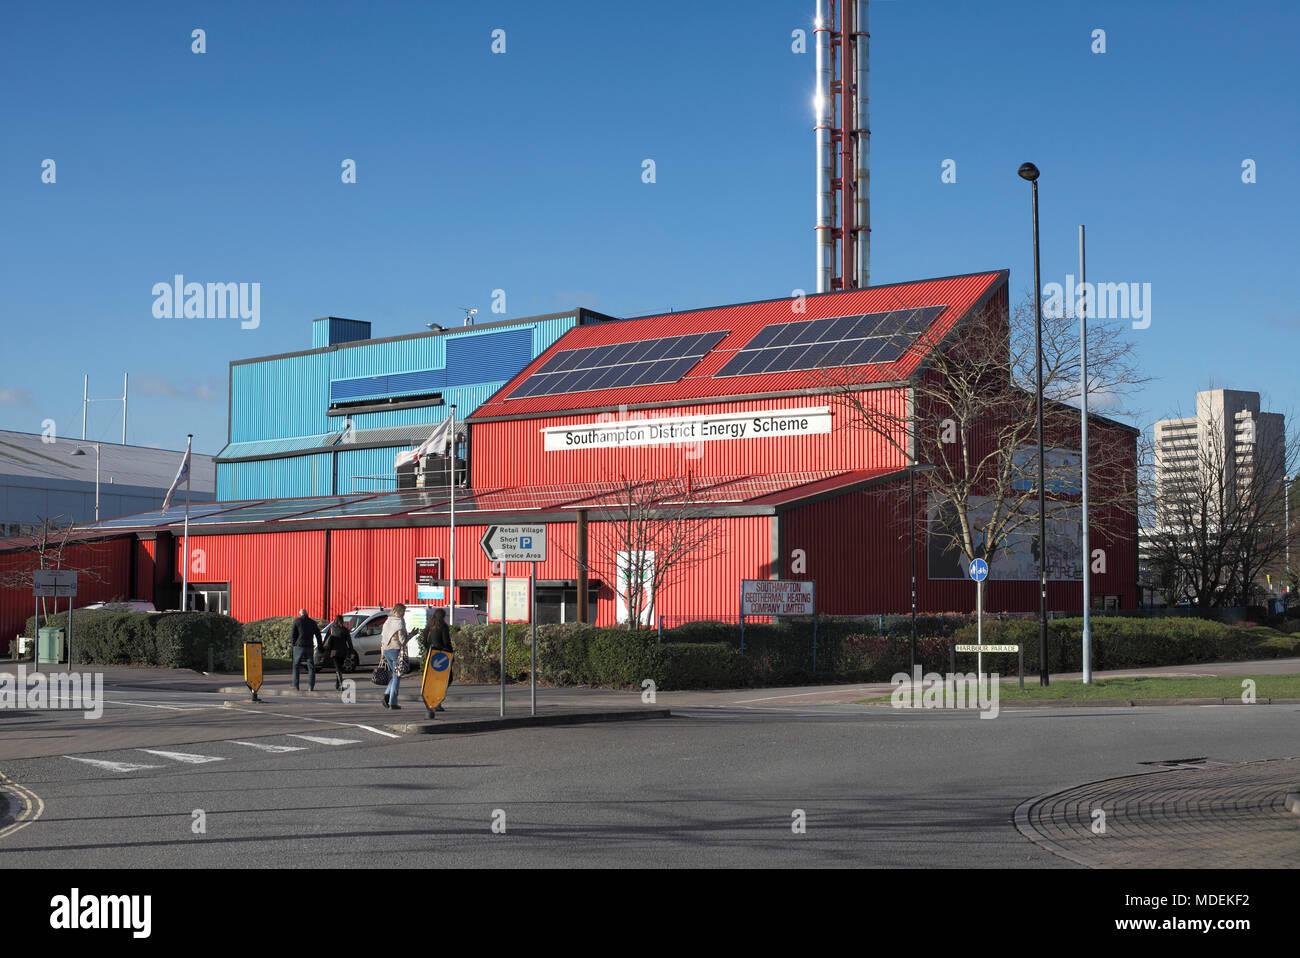 La chaleur, une partie de l'énergie de quartier de Southampton, où la chaleur géothermique est utilisée dans un système de chauffage. Photo Stock